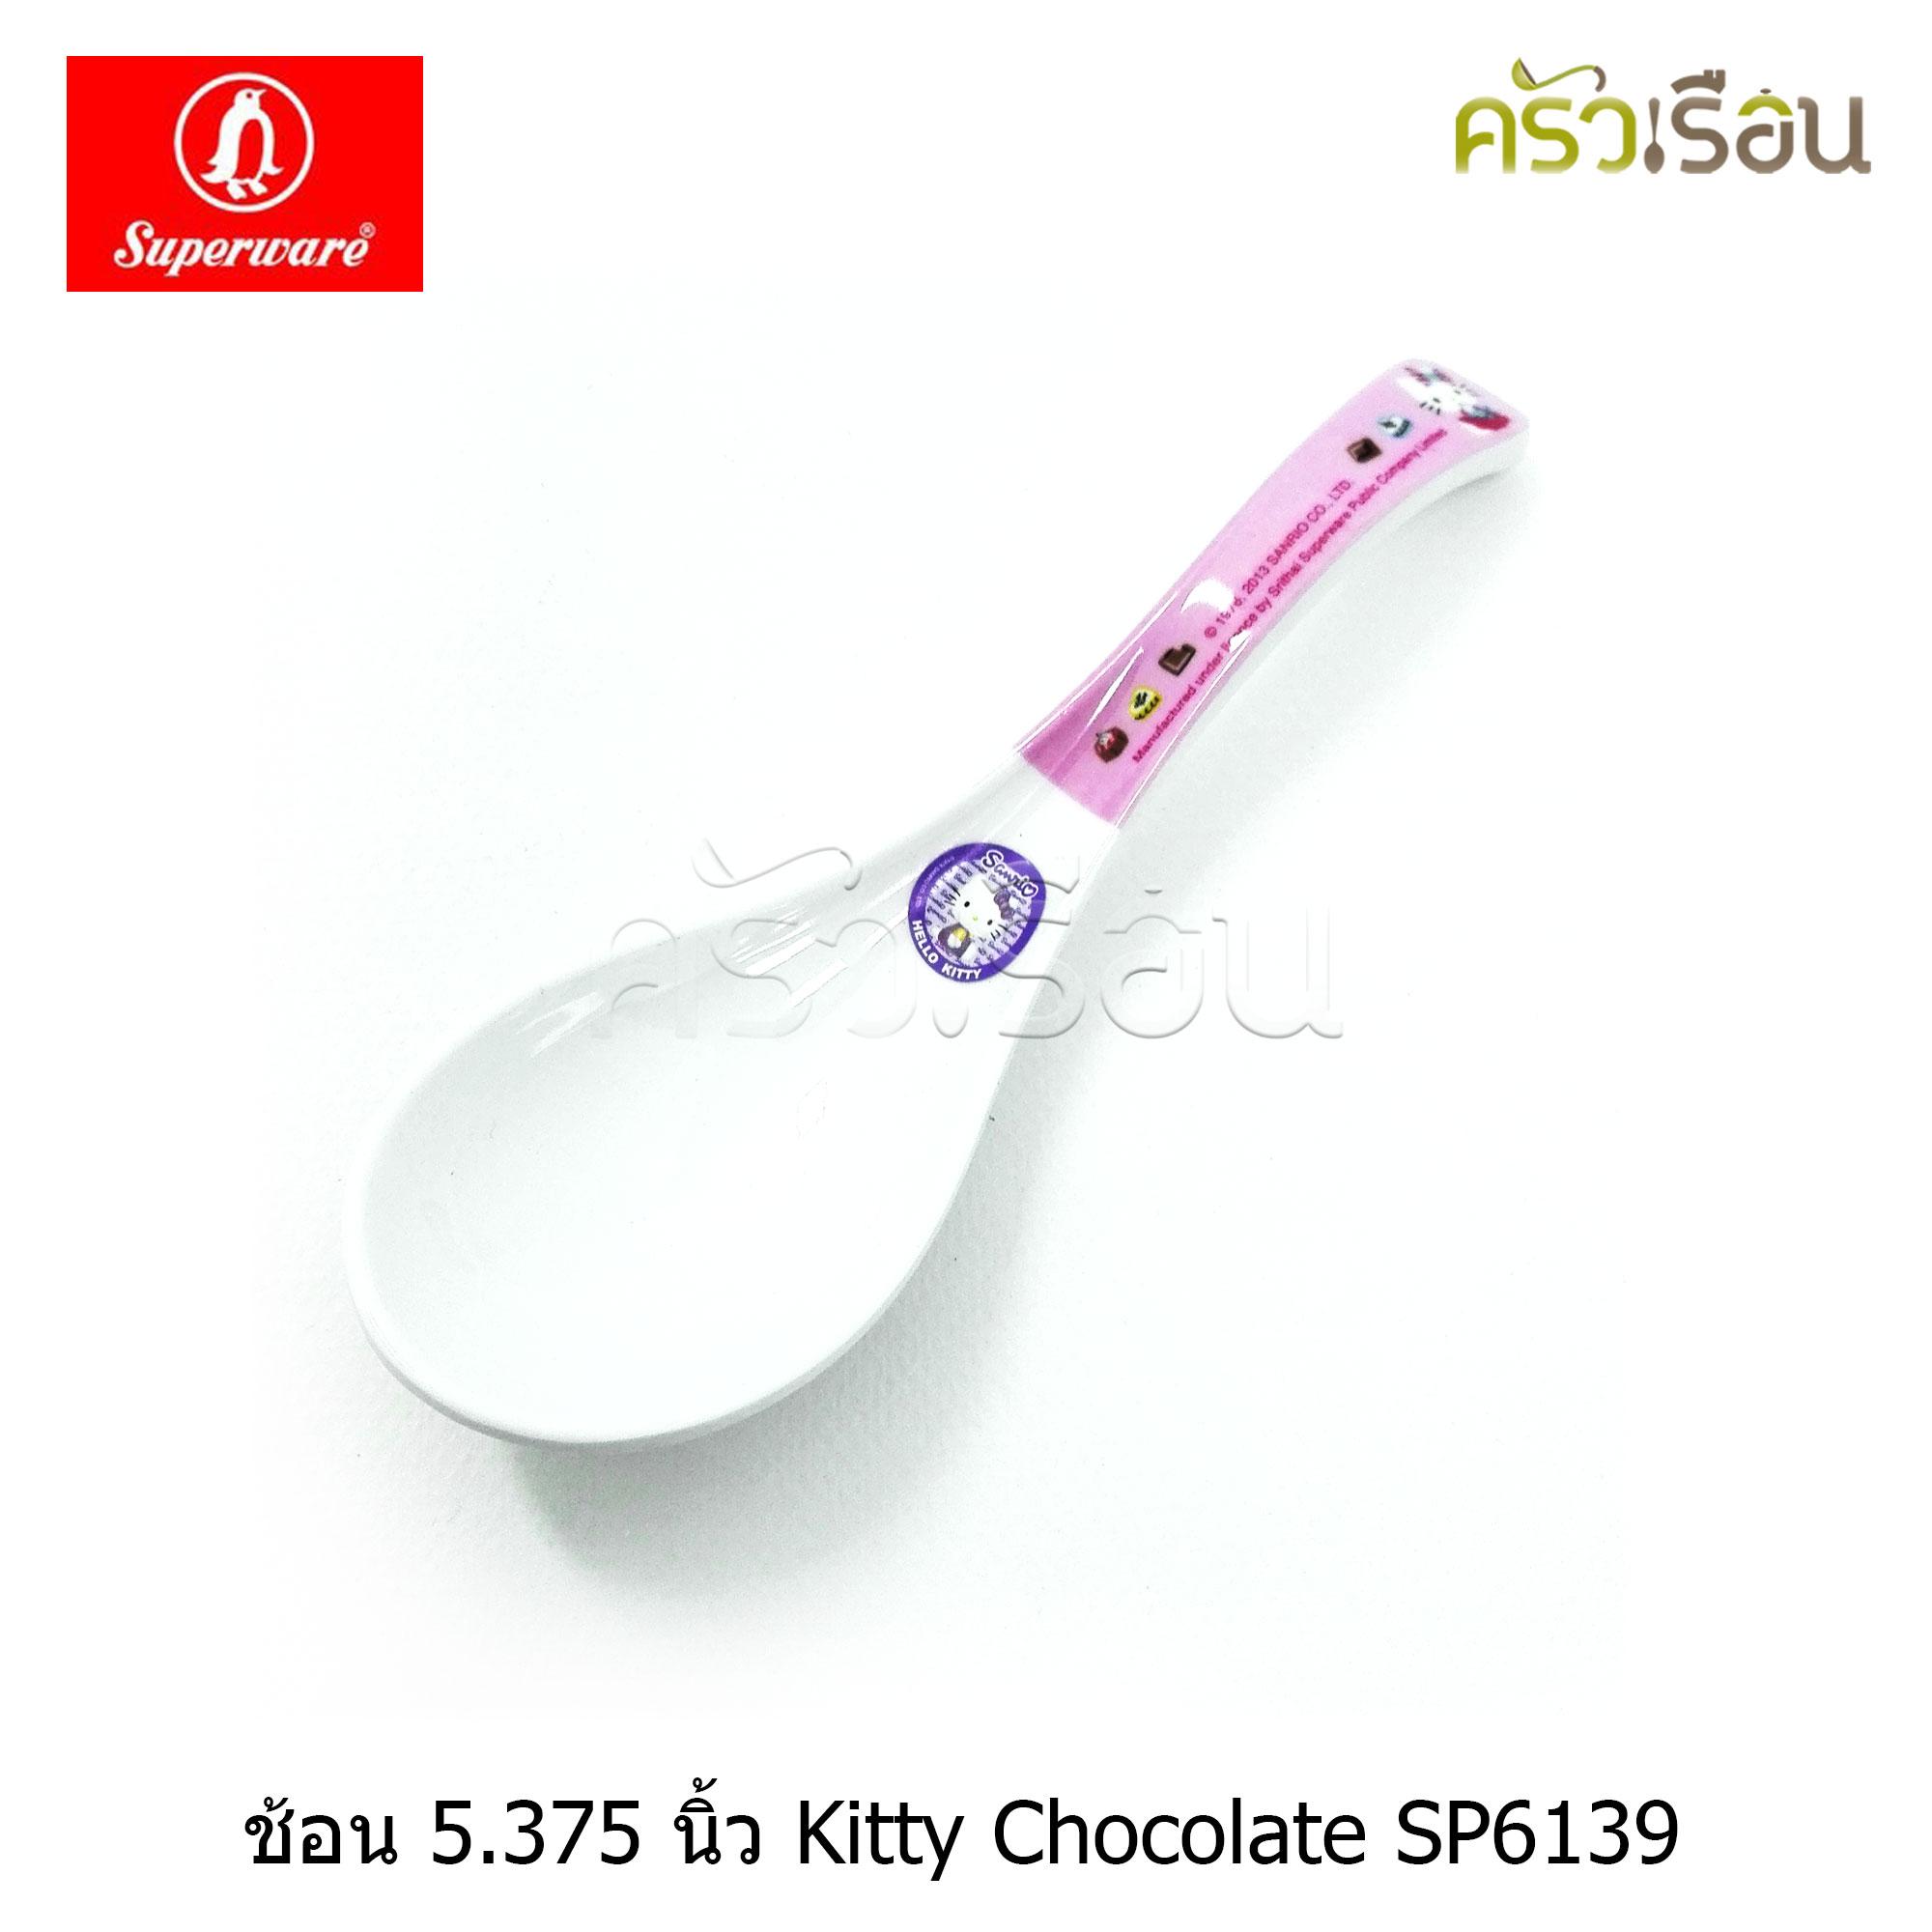 Superware ช้อนสั้น Kitty Chocolate 5.375 นิ้ว SP6139